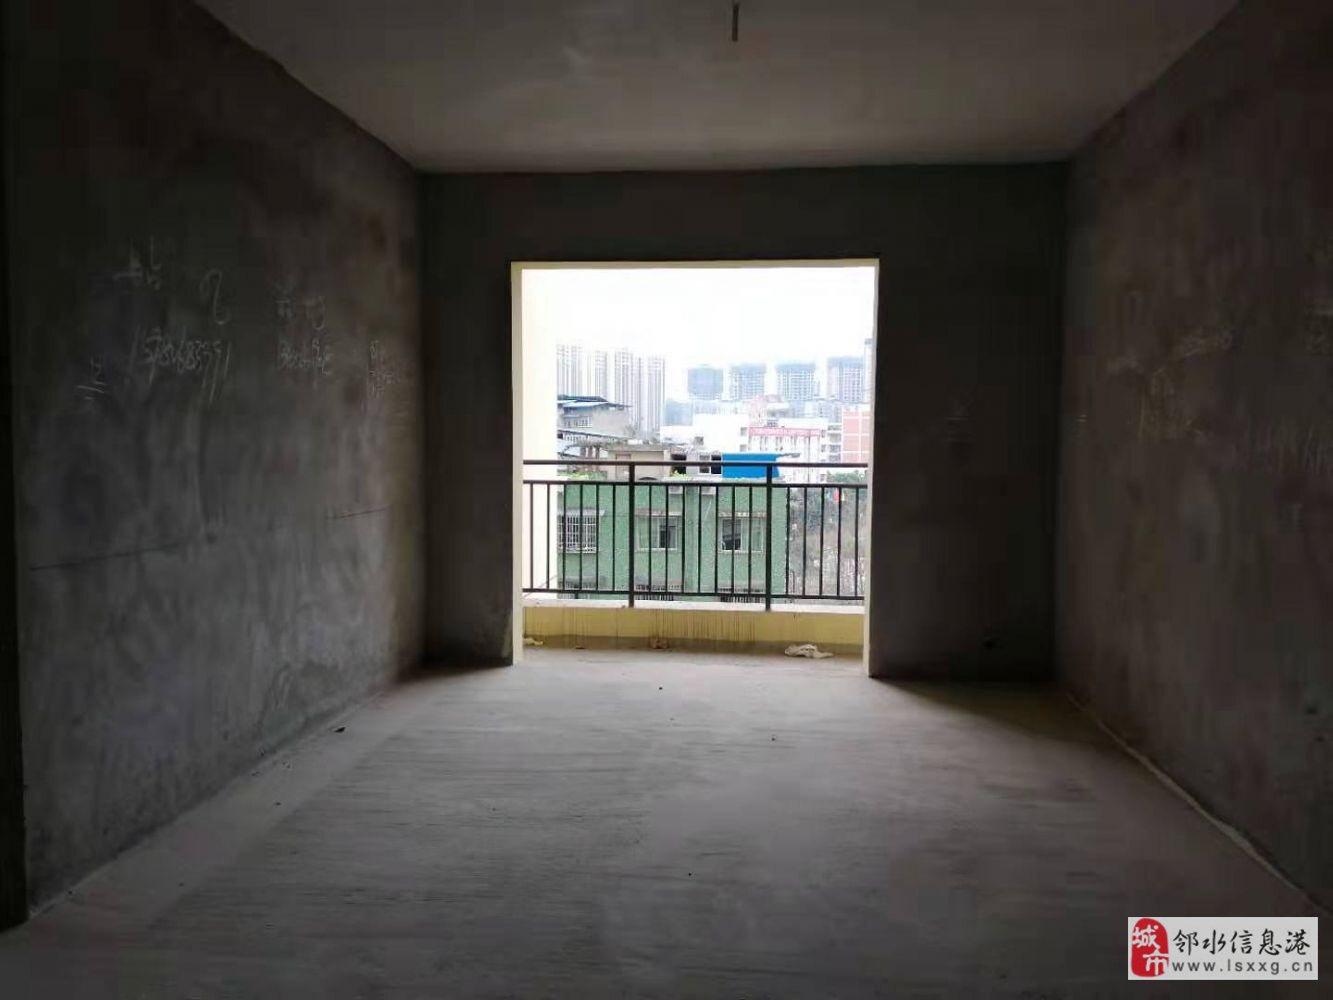 北城金街3室2厅2卫60.8万元,超值急售。